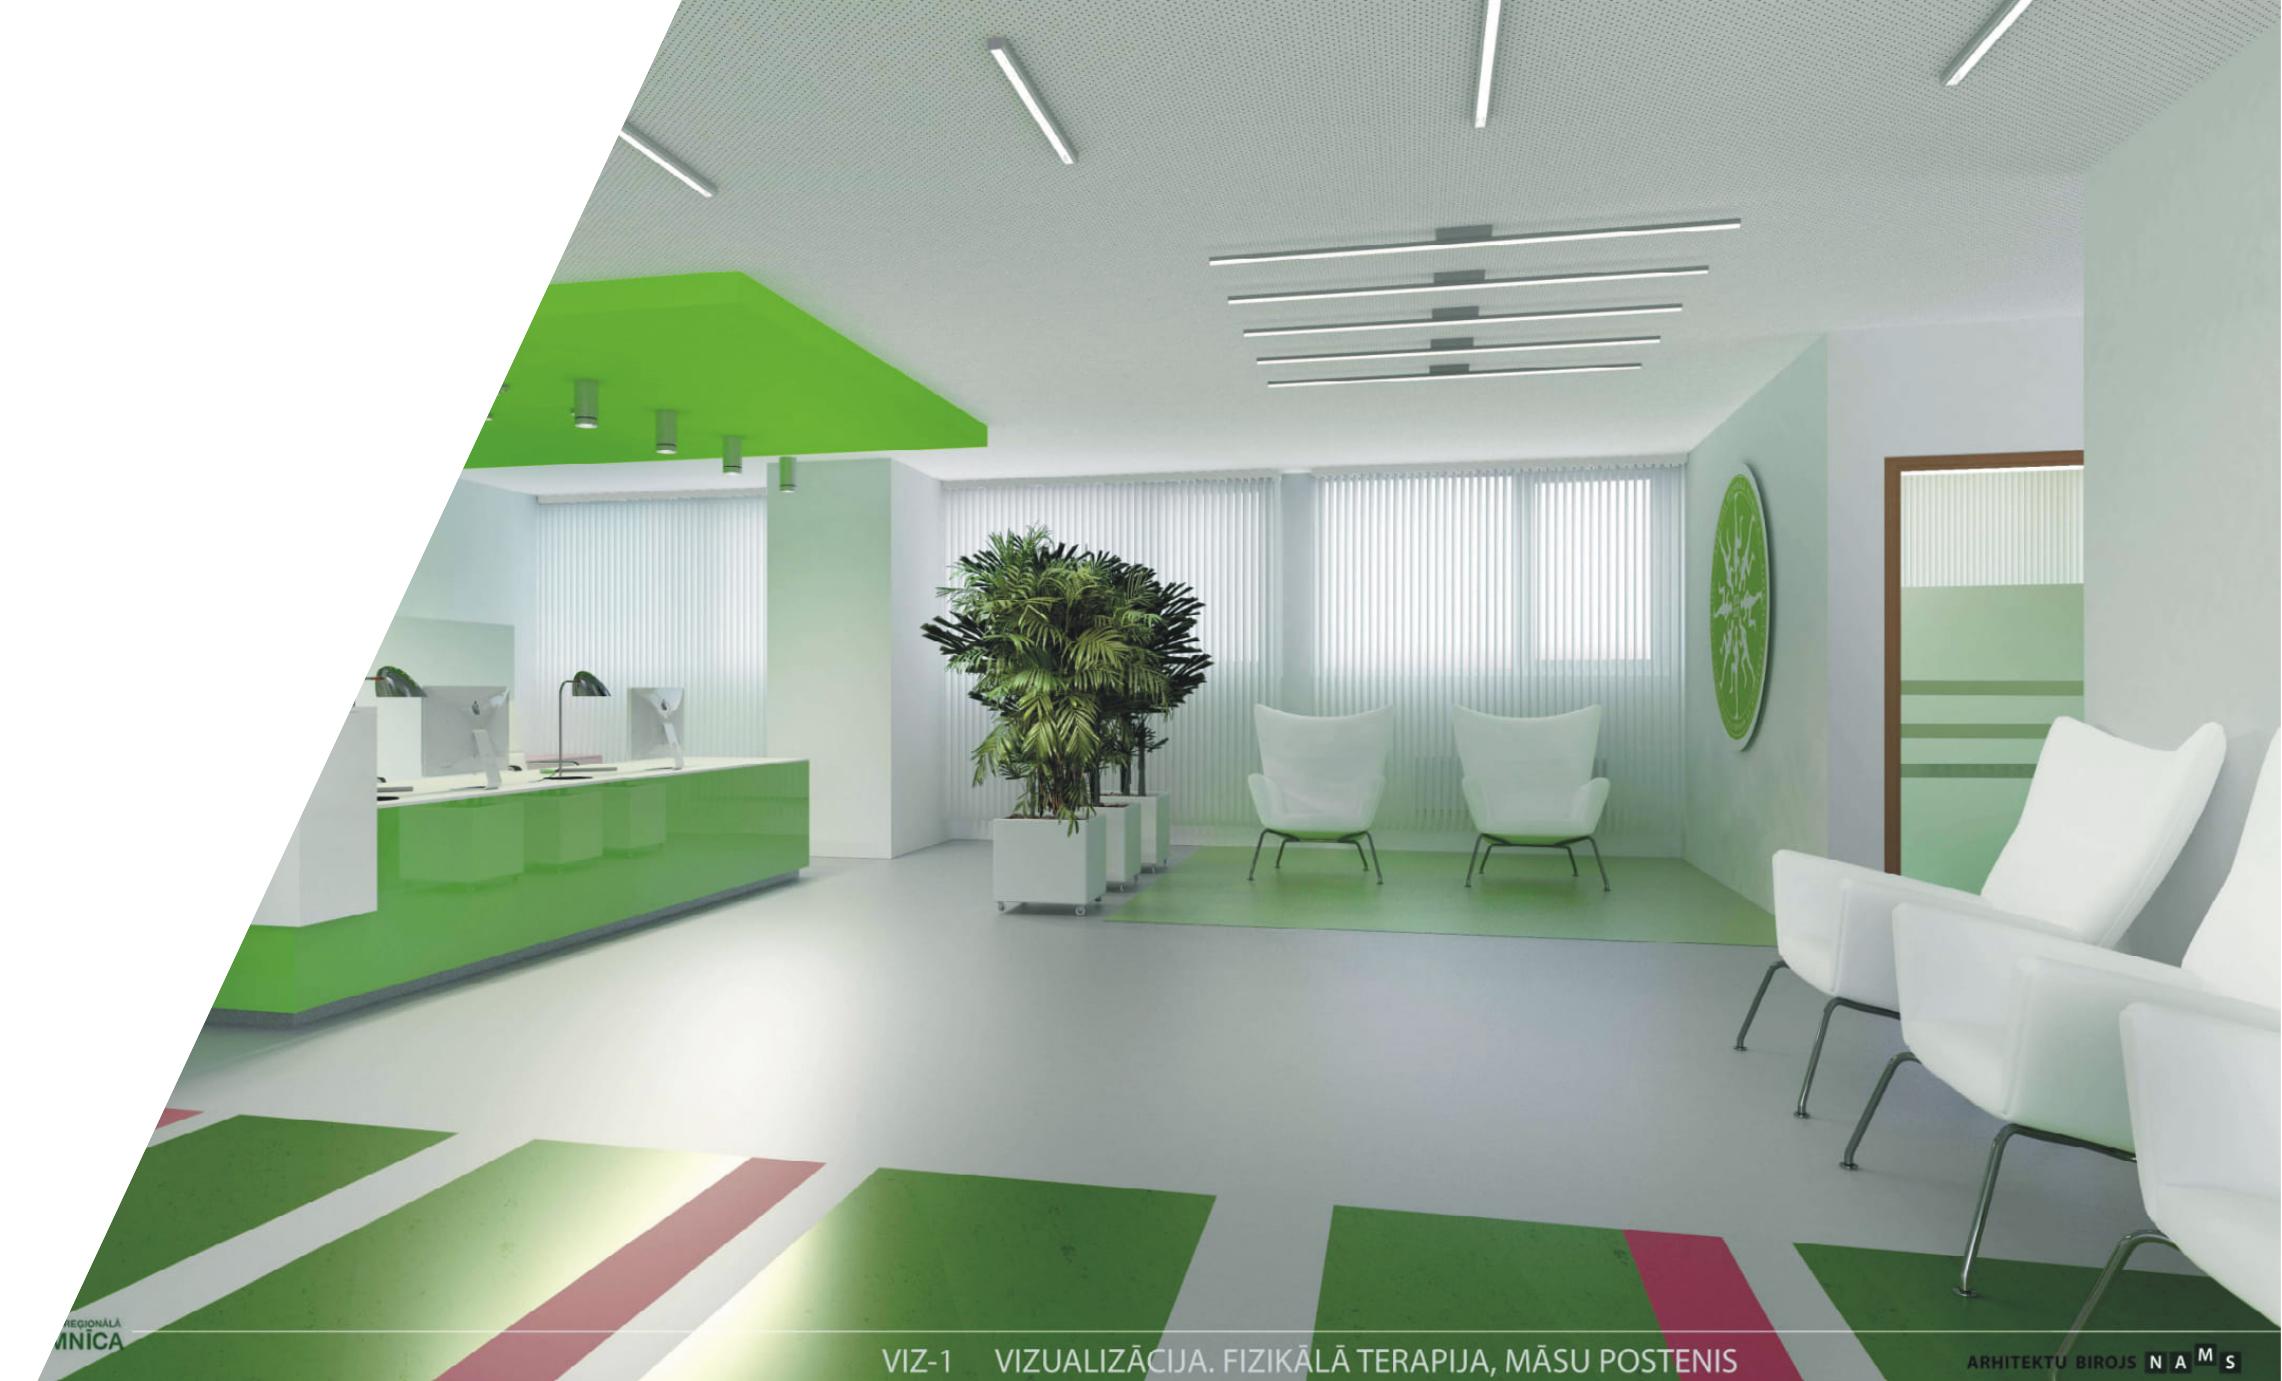 Liepājas reģionālās slimnīcas ēku pārbūve, teritorijas labiekārtojums un vienkāršotā atjaunošana